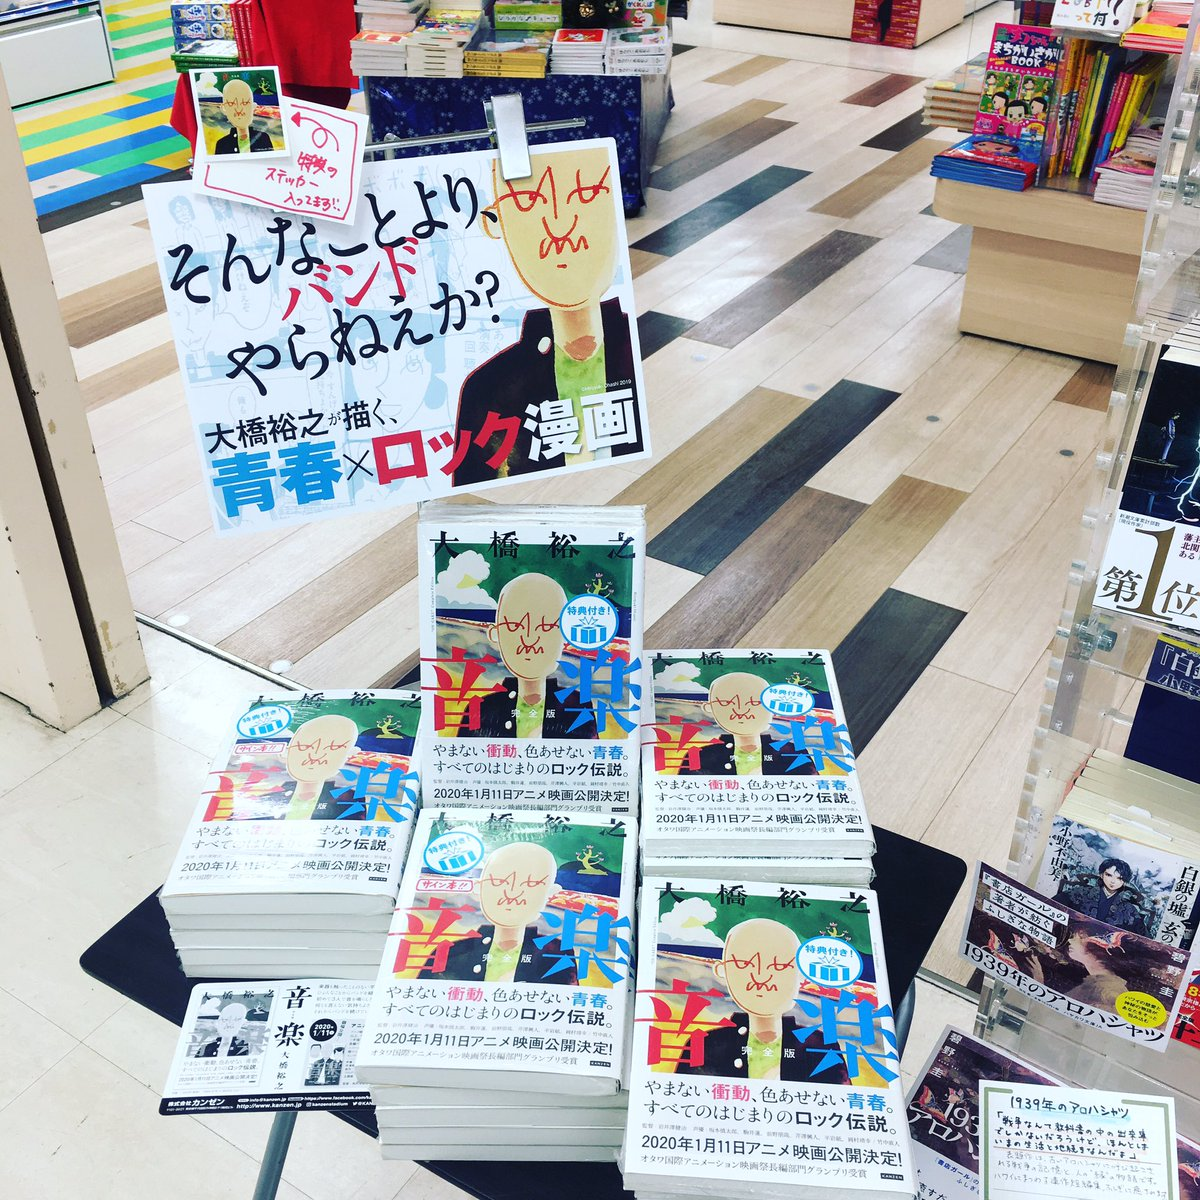 小金井 くまざわ 書店 武蔵